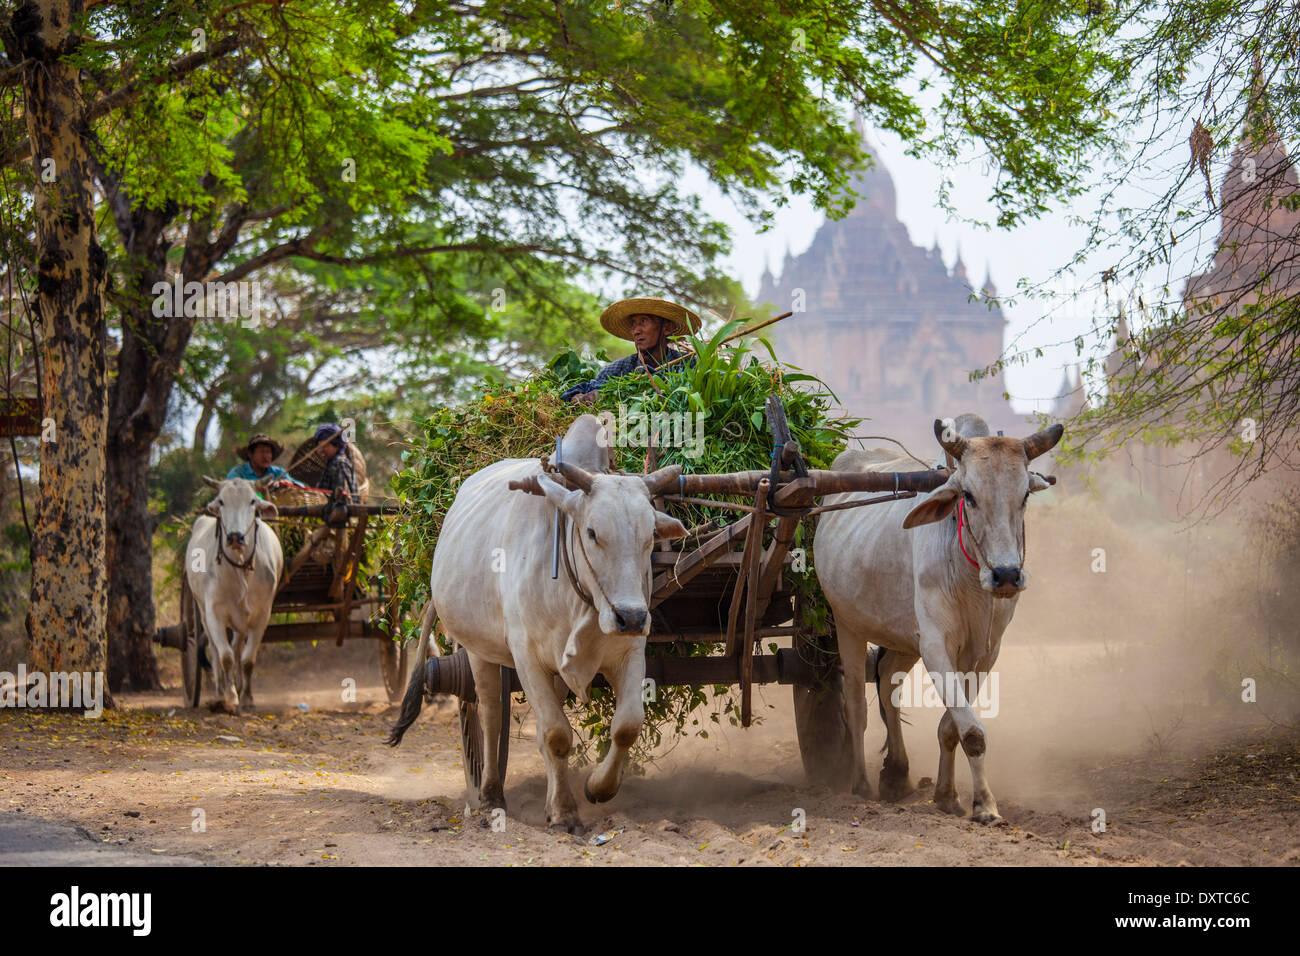 Ox cart hauling harvest in Bagan, Myanmar - Stock Image